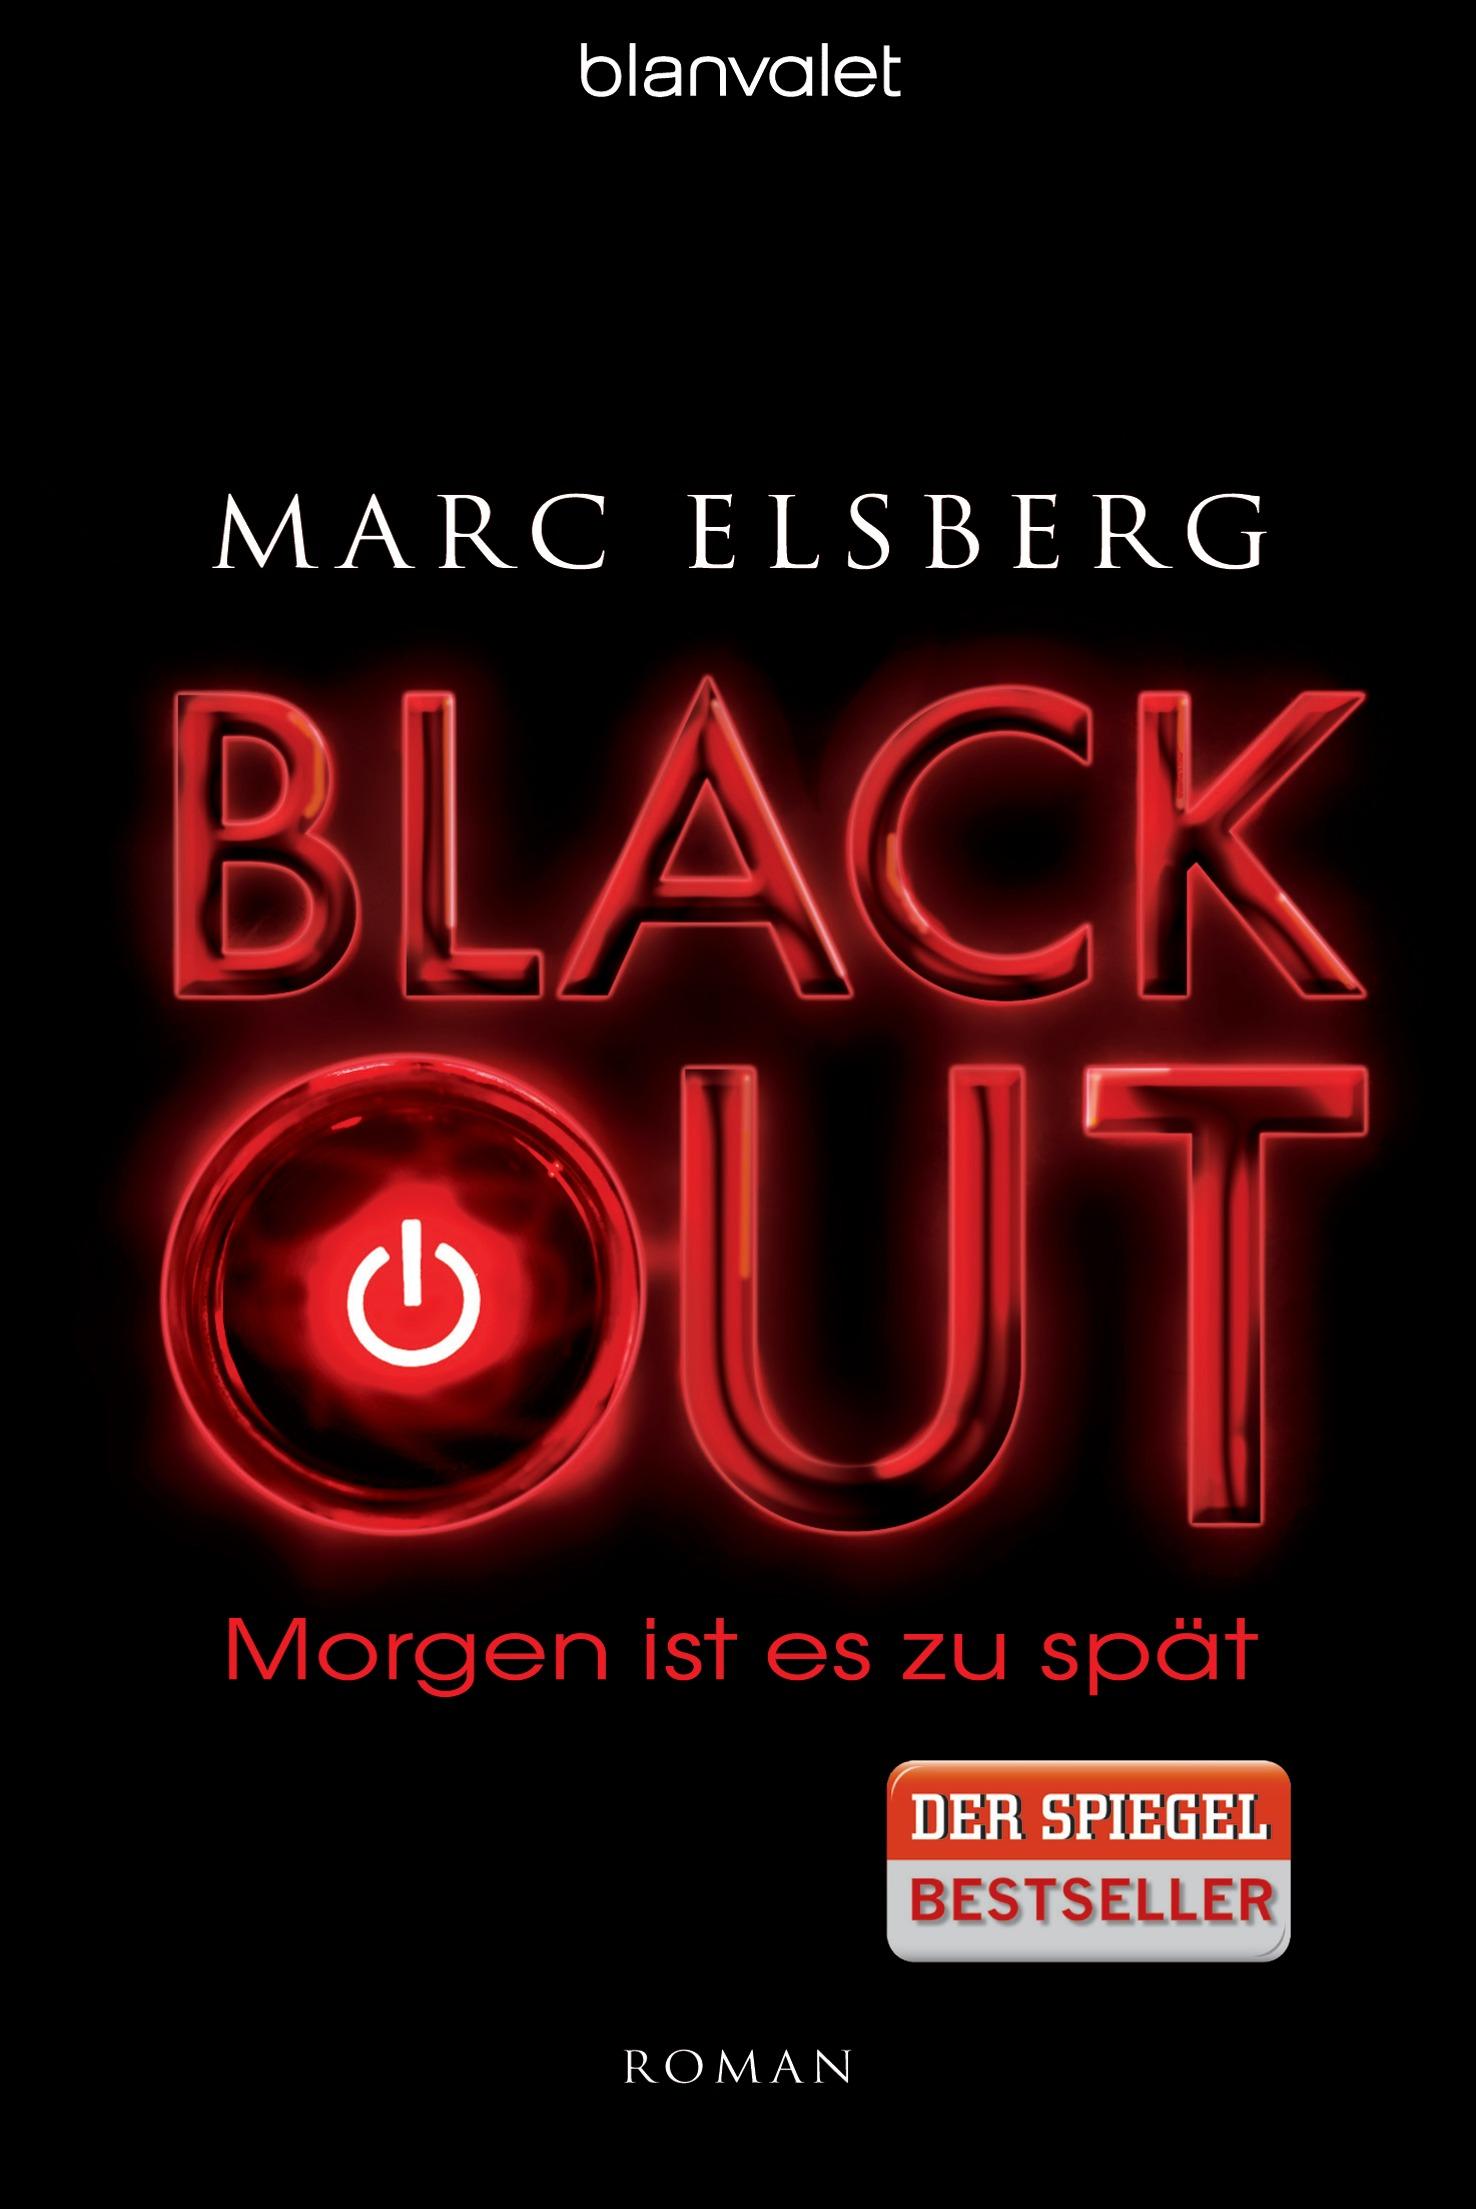 BLACKOUTMorgen ist es zu spaet von Marc Elsberg